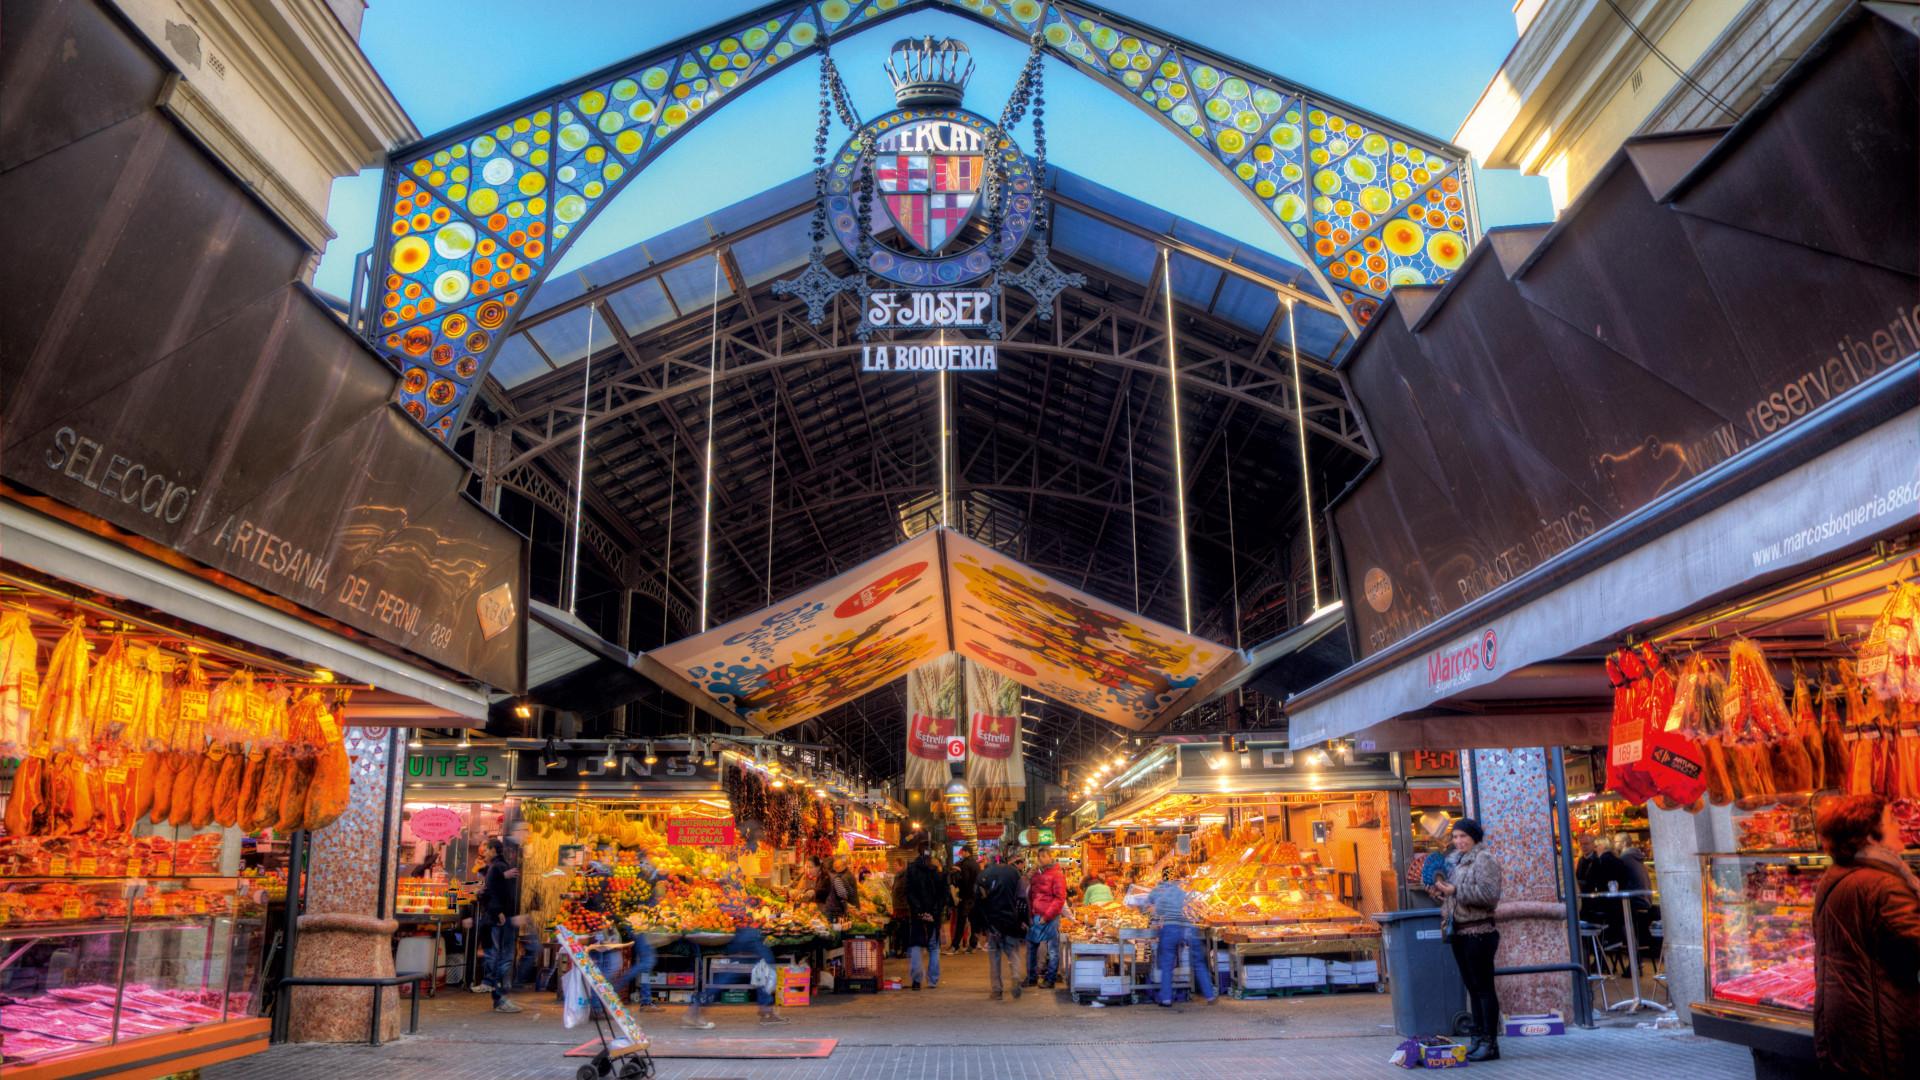 La Boqueria covered food market in Barcelona